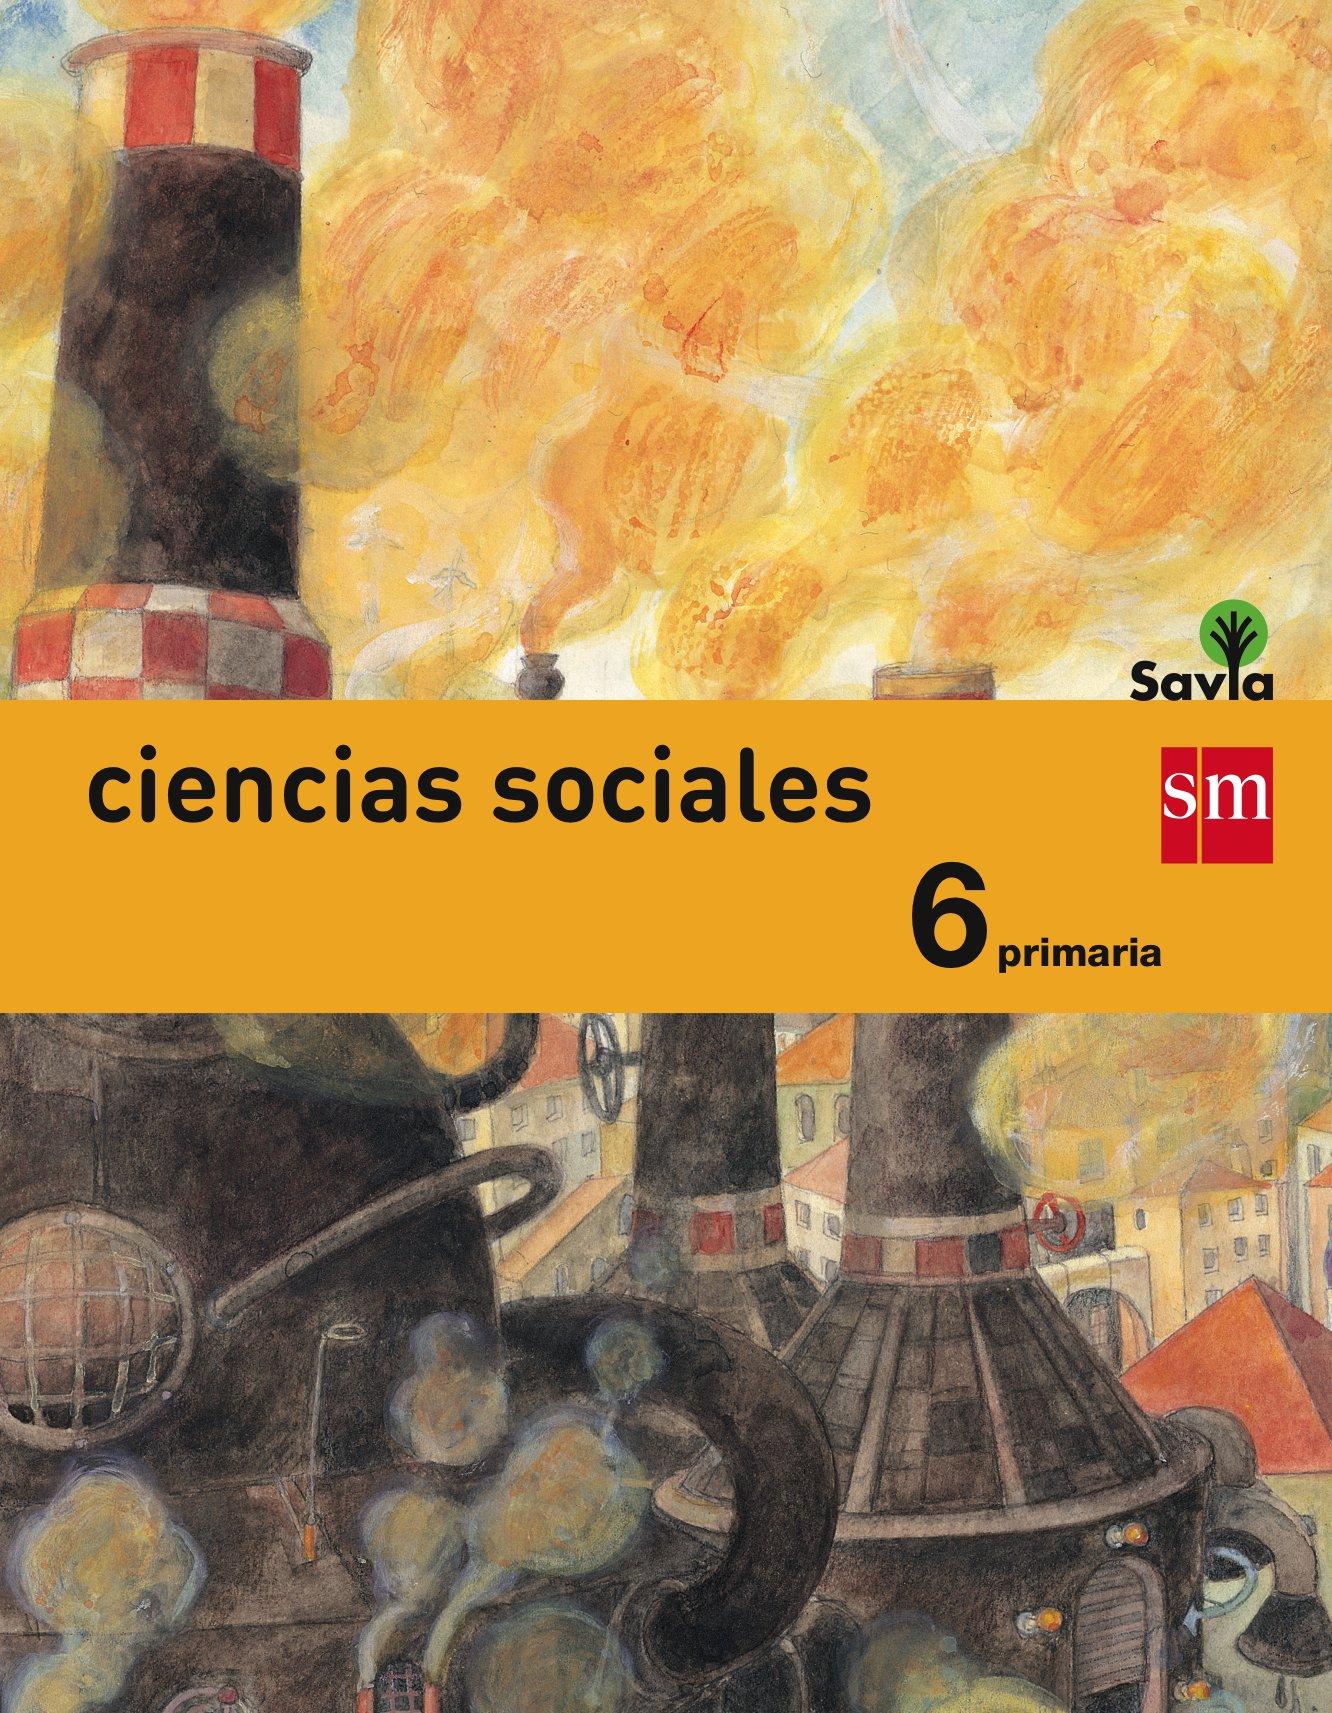 Ciencias Sociales 6 Primaria Savia Spanish Edition Ediciones Sm Equipo De Educación Primaria De Ediciones Sm Martín Heredia Sara Mata Carrasco Alfredo De La Moratalla De La Hoz Vicente Parra Benito Ezequiel